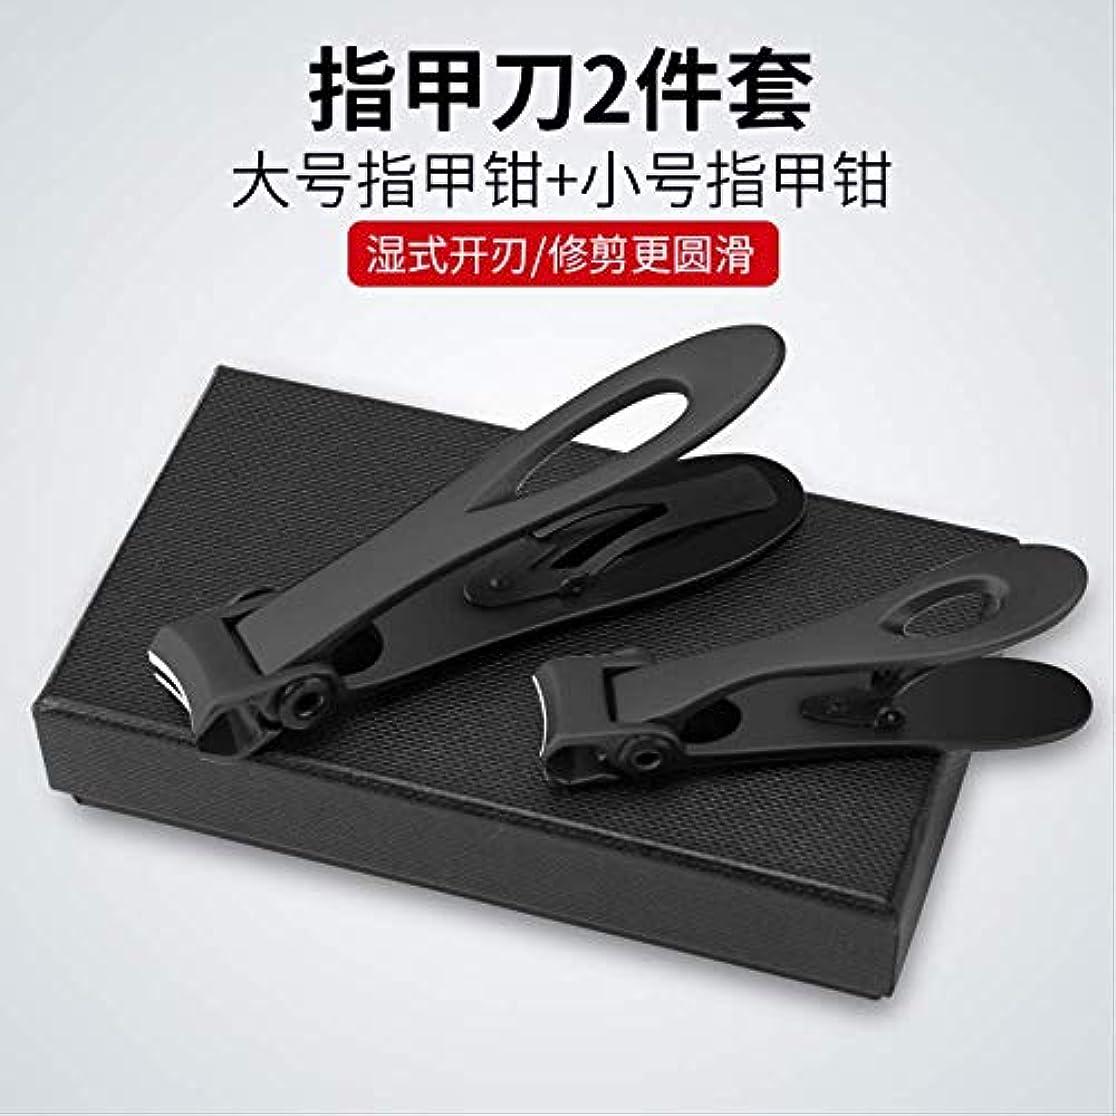 機関恥パドルステンレス鋼の大きな爪切り手ペディキュア爪はさみ大人の大きな爪切り爪ツール 黒2個セット